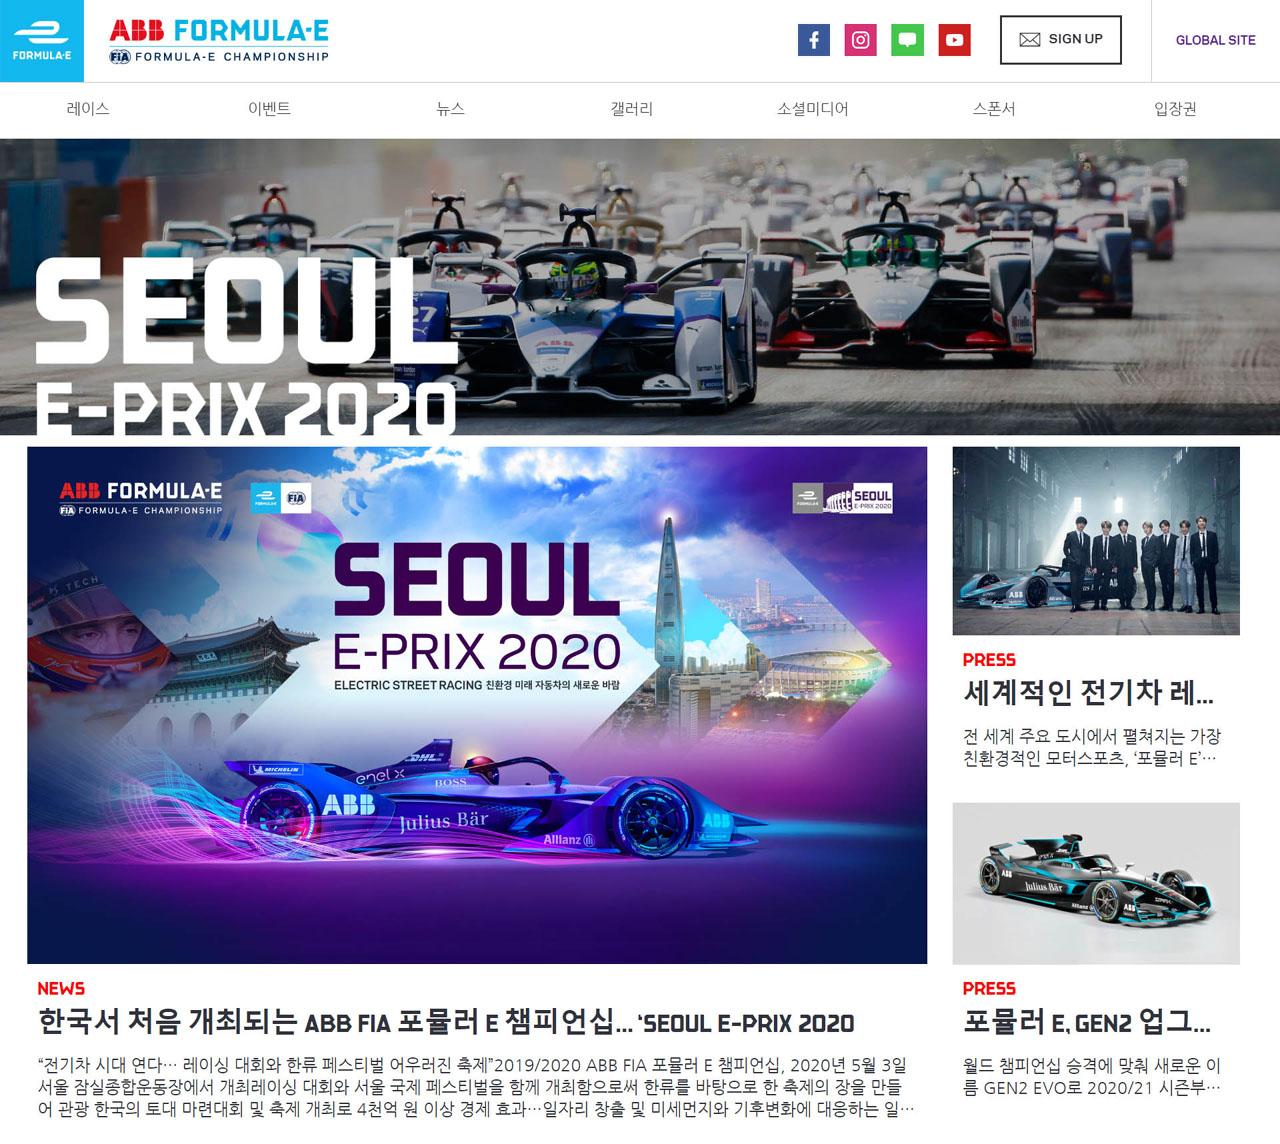 [참고사진] SEOUL E-PRIX 2020 공식 홈페이지 오픈a